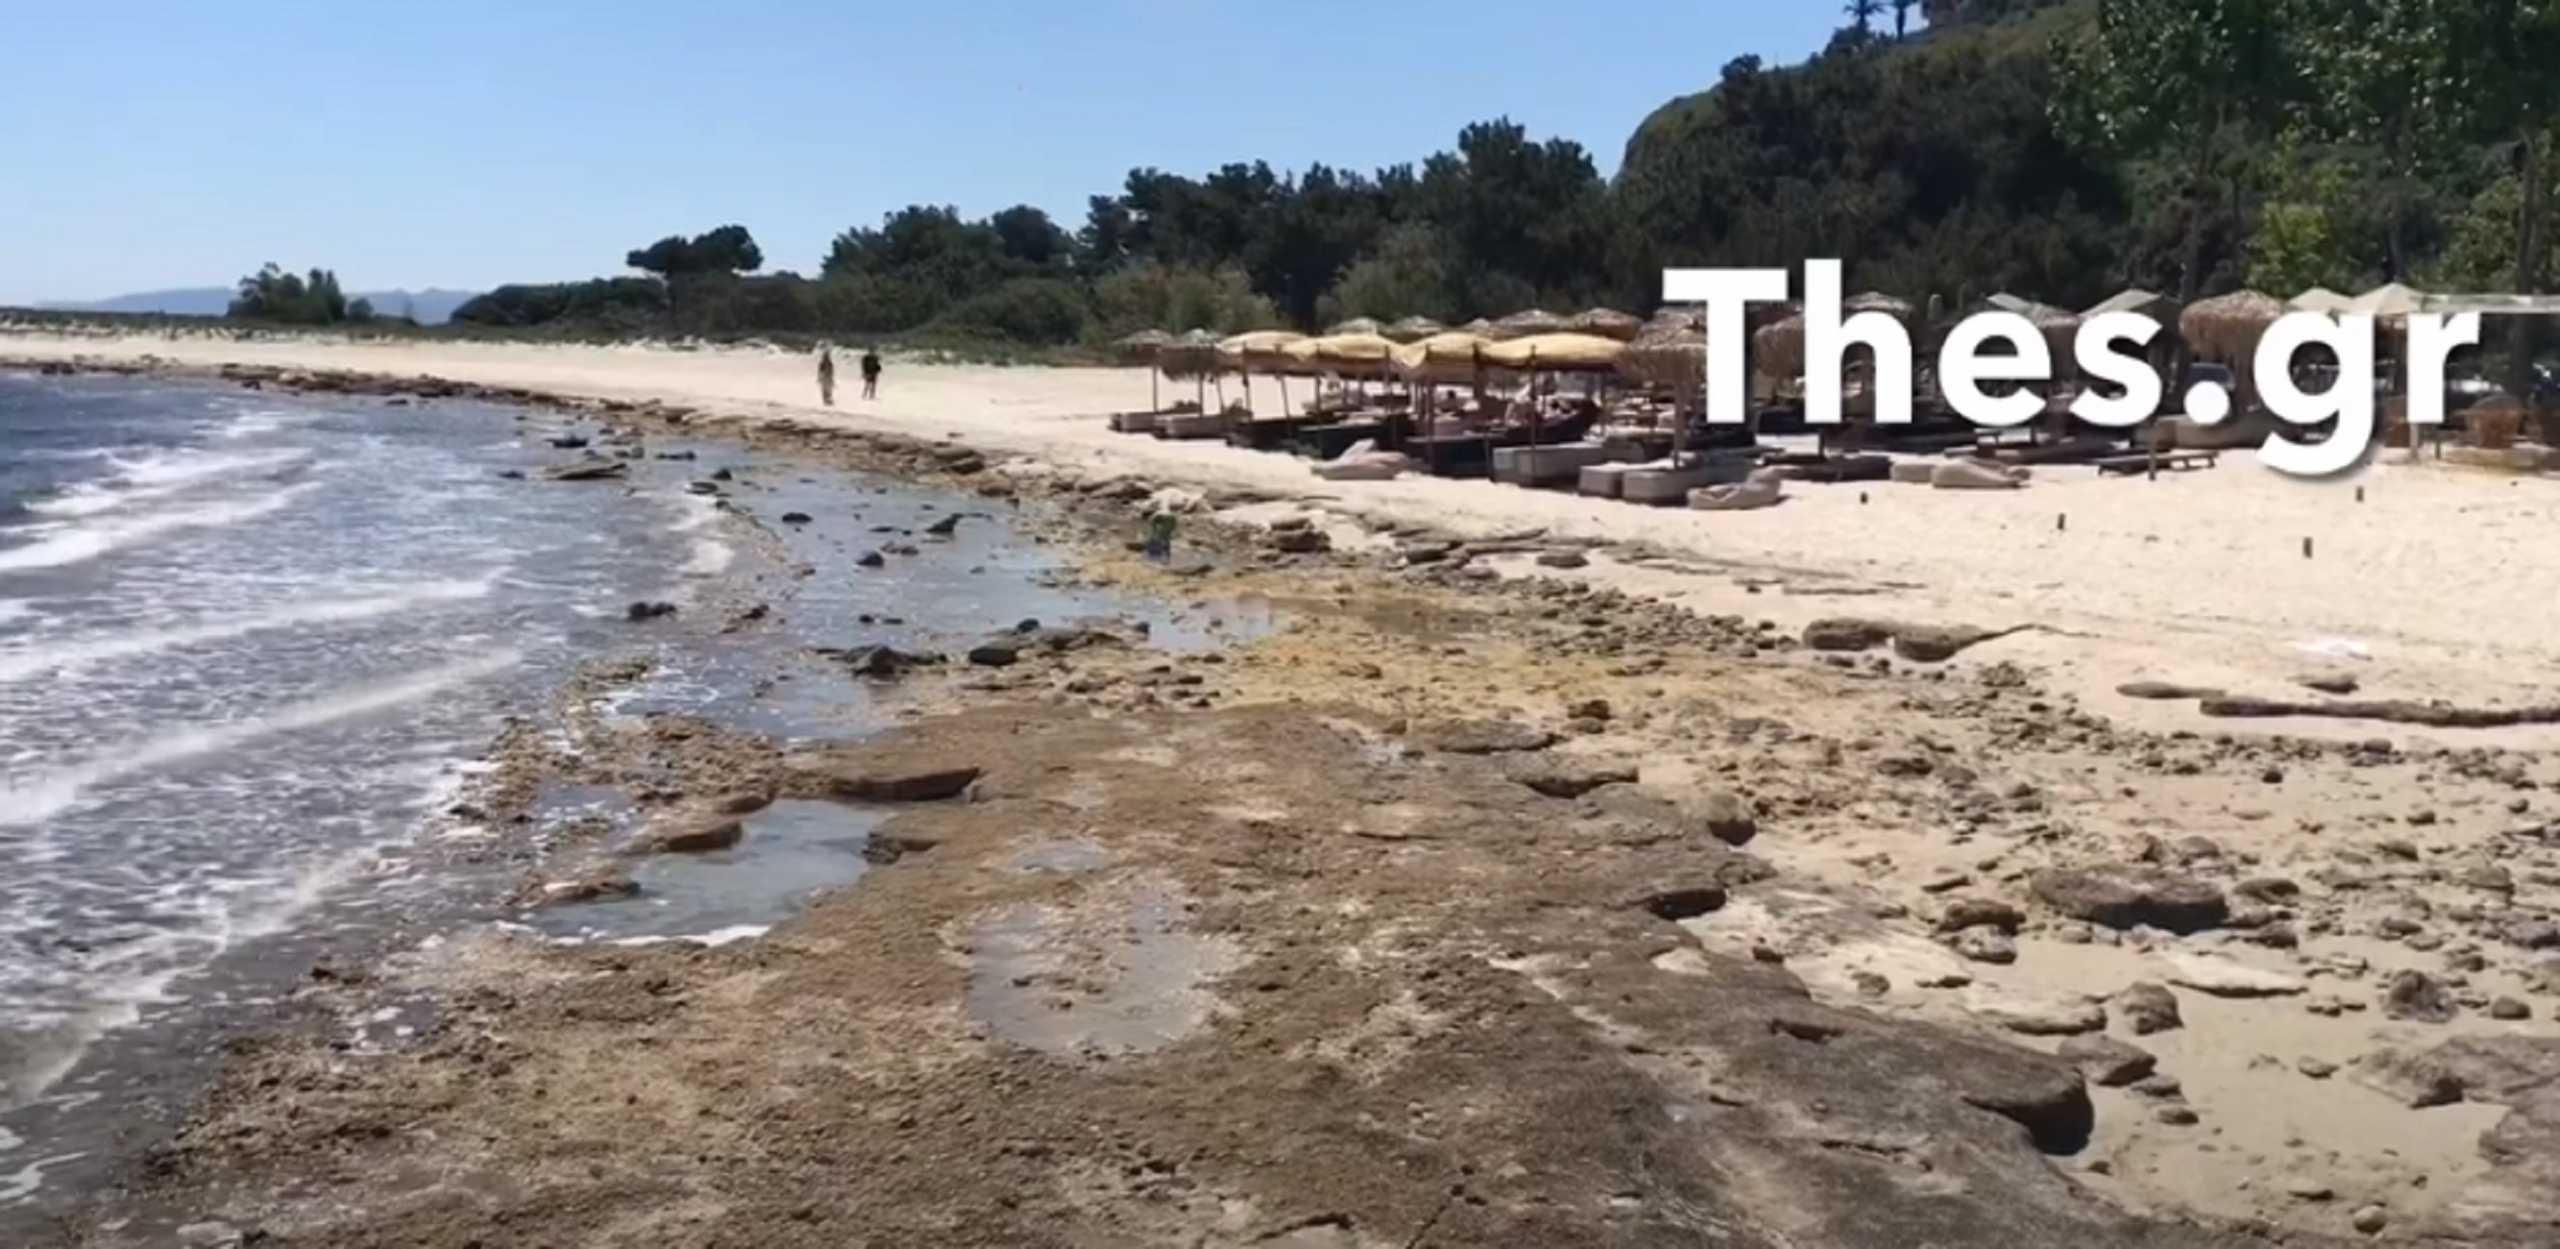 Χαλκιδική: Πήγαν για μπάνιο αλλά έλειπε η θάλασσα – Δείτε τις εικόνες της ημέρας στην Άφυτο (video)